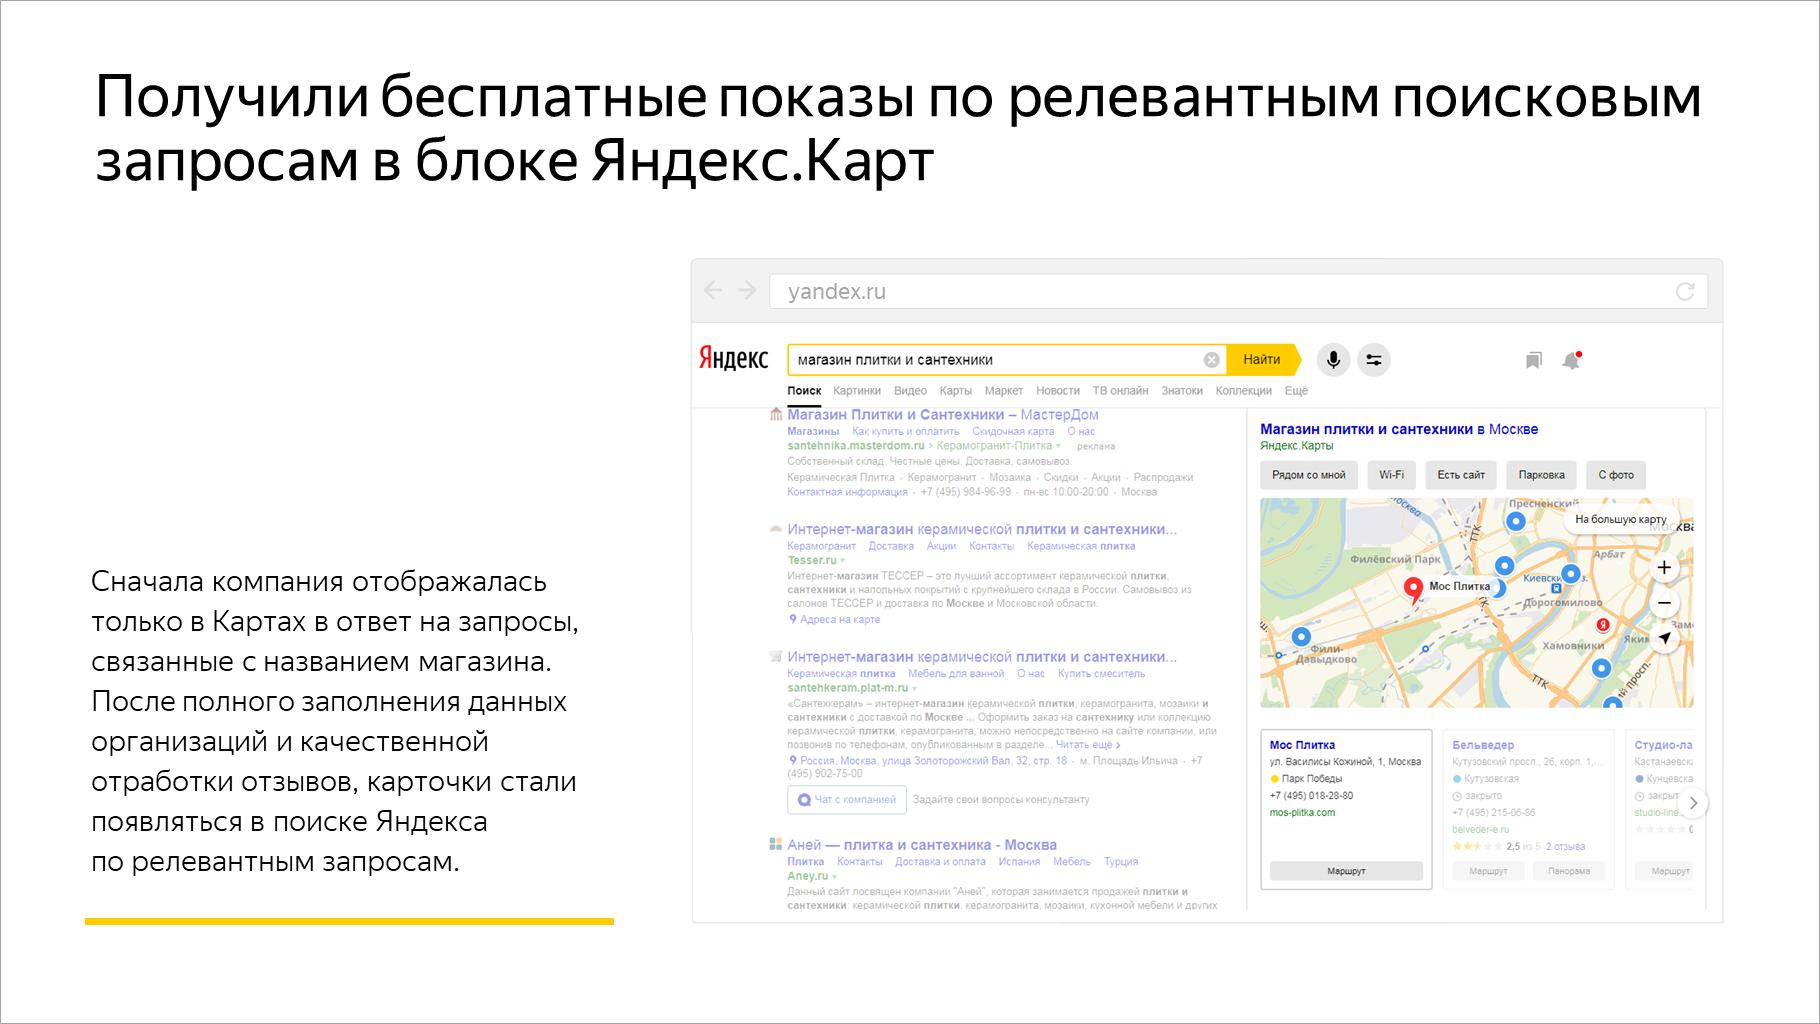 Получили бесплатные показы по релевантным поисковым запросам в блоке Яндекс.Карт